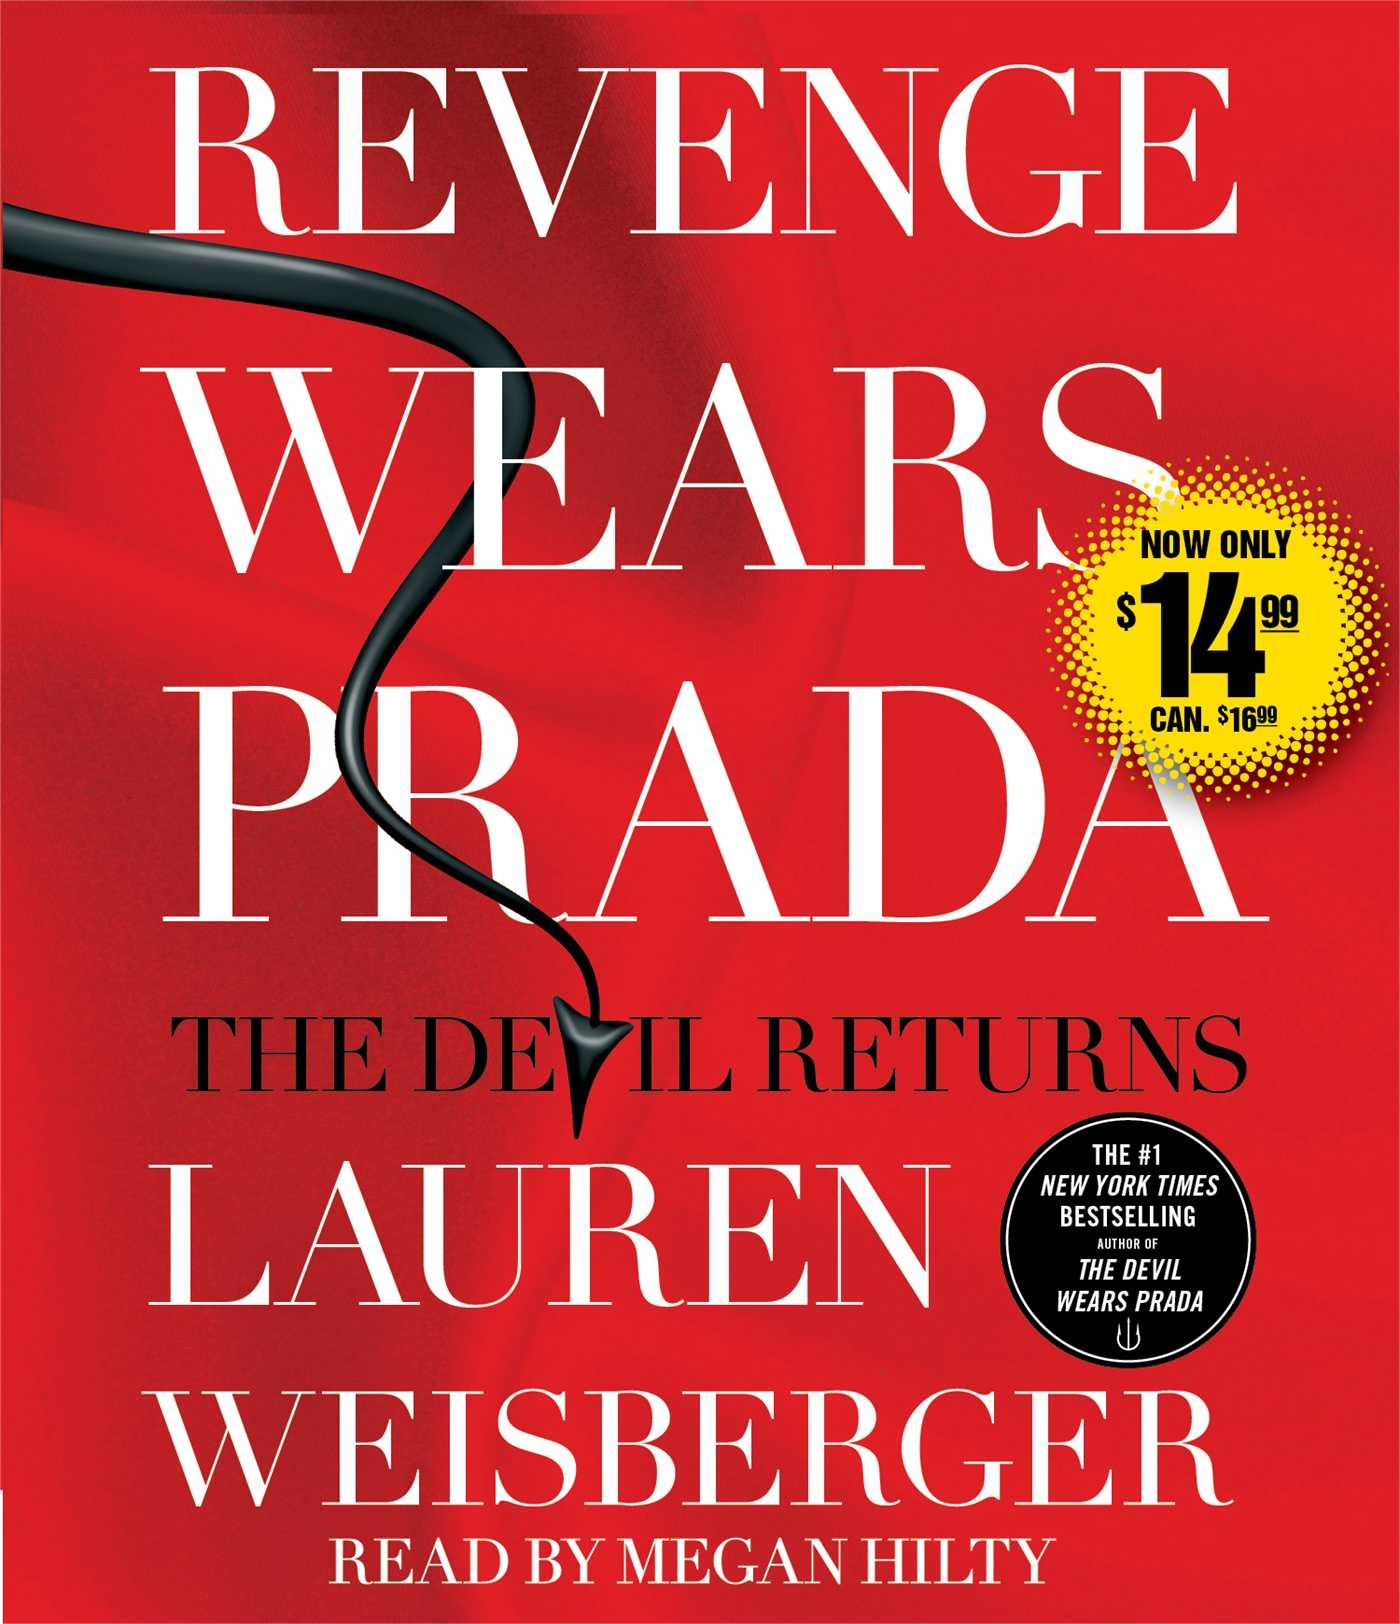 Revenge Wears Prada The Devil Returns Lauren Weisberger Megan